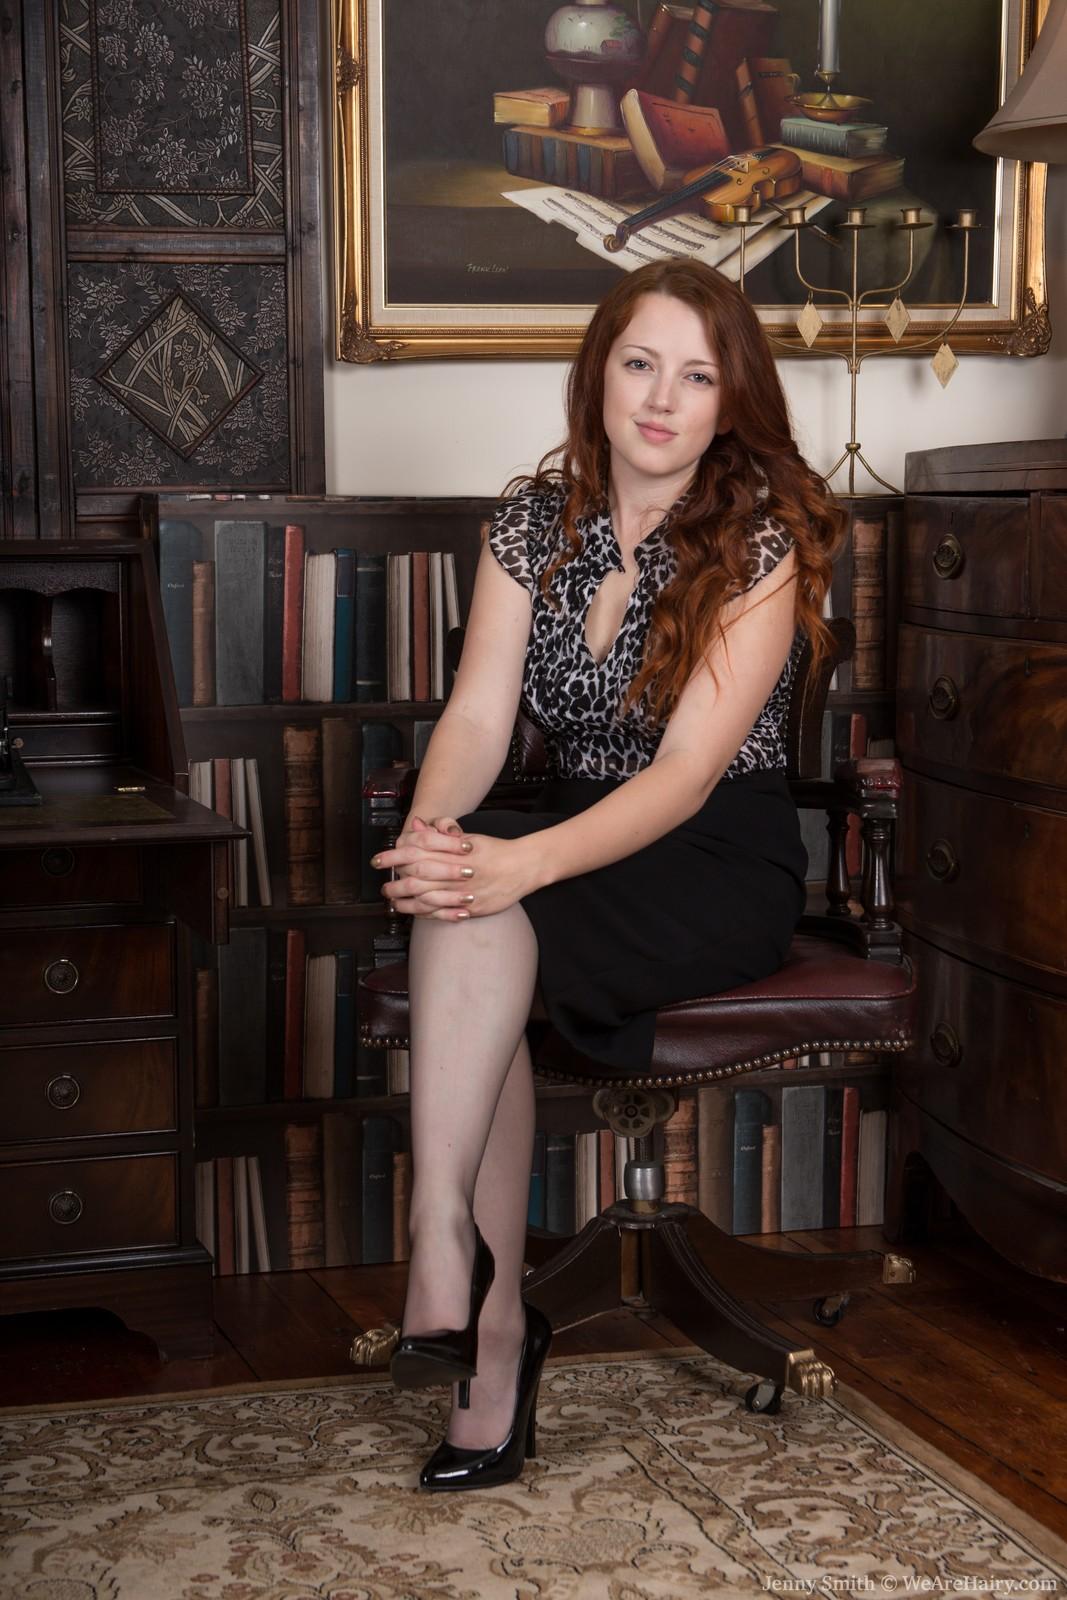 Jenny Smith